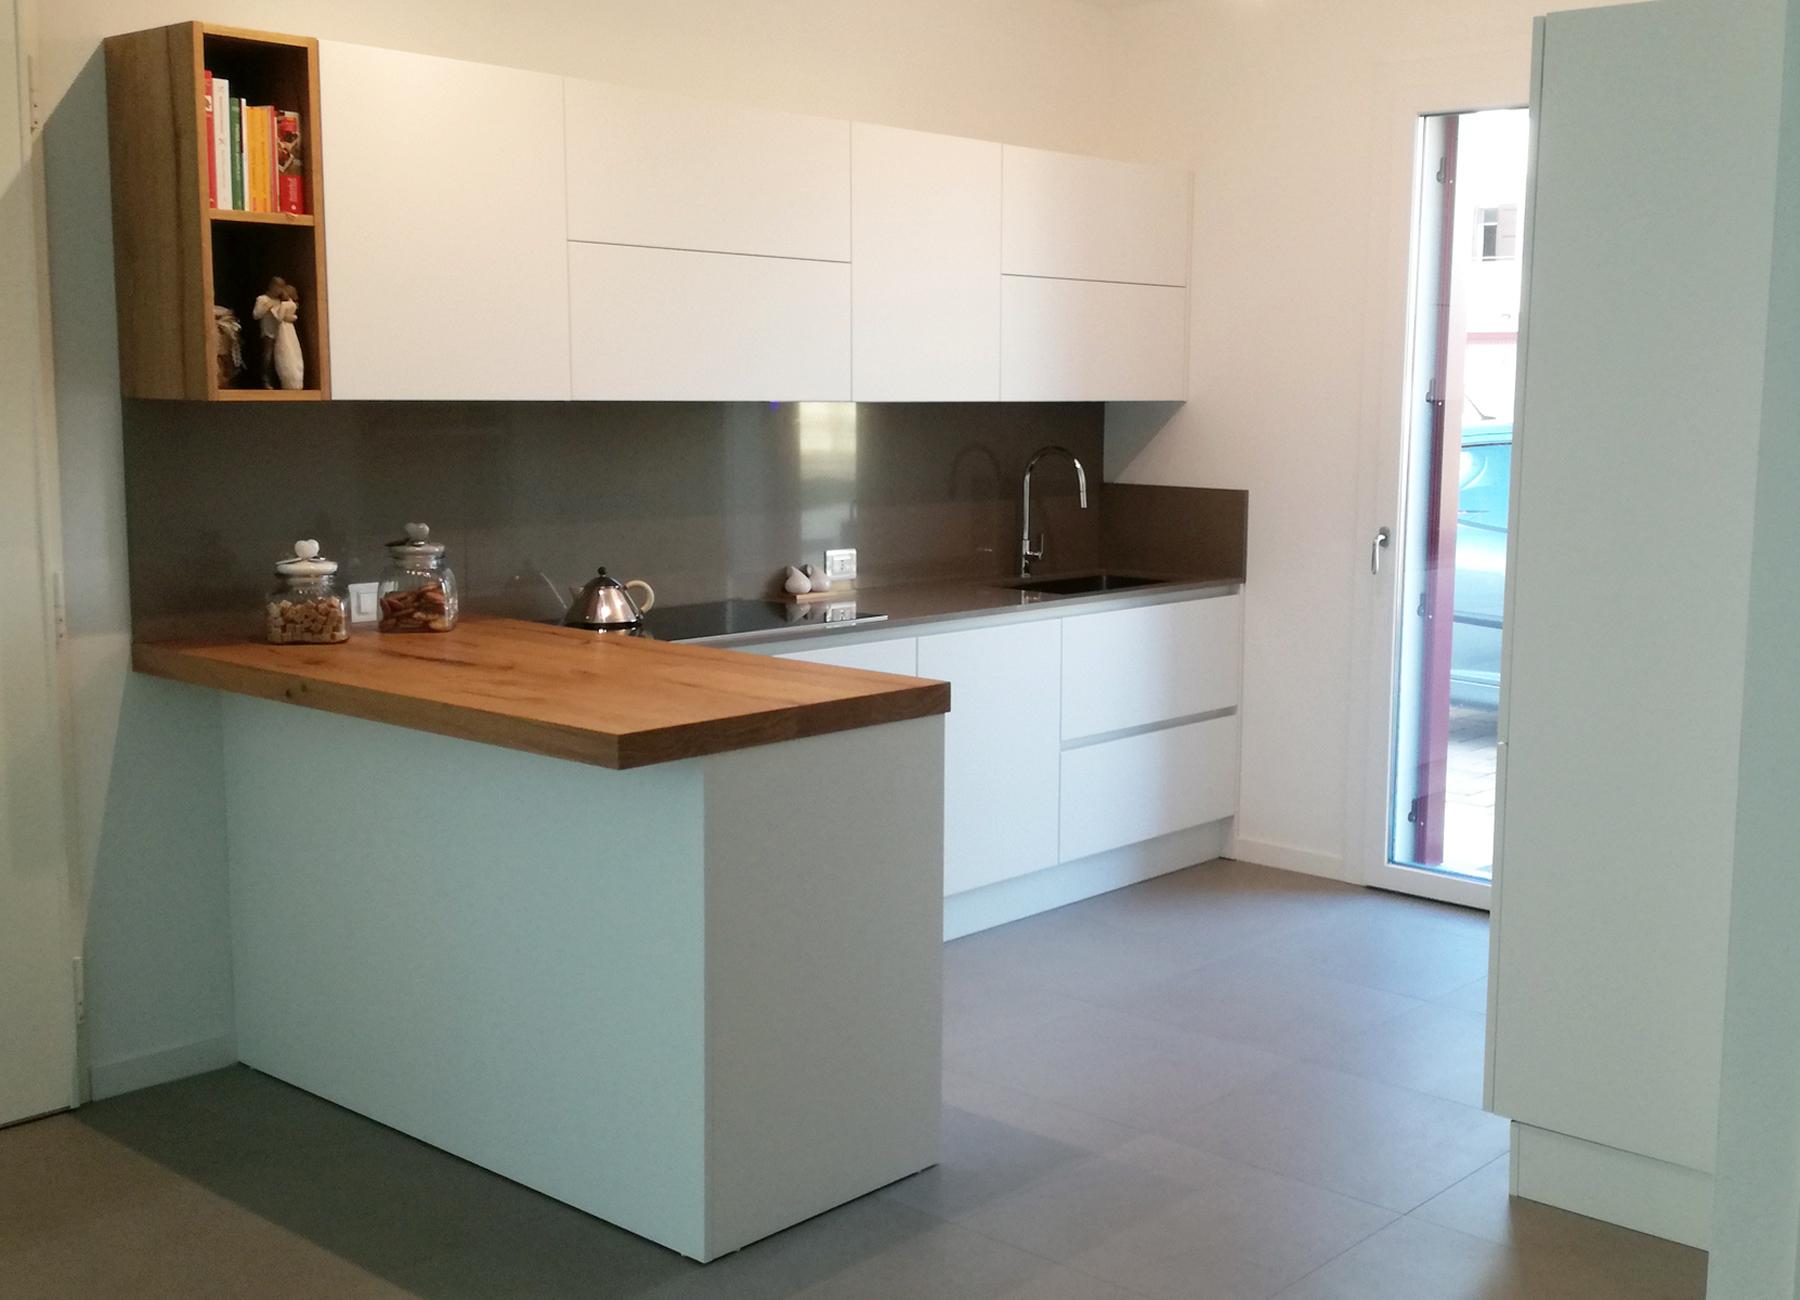 Cucina Legno E Laccato Sirio : Cucina laccato bianco con top taupe e penisola in legno